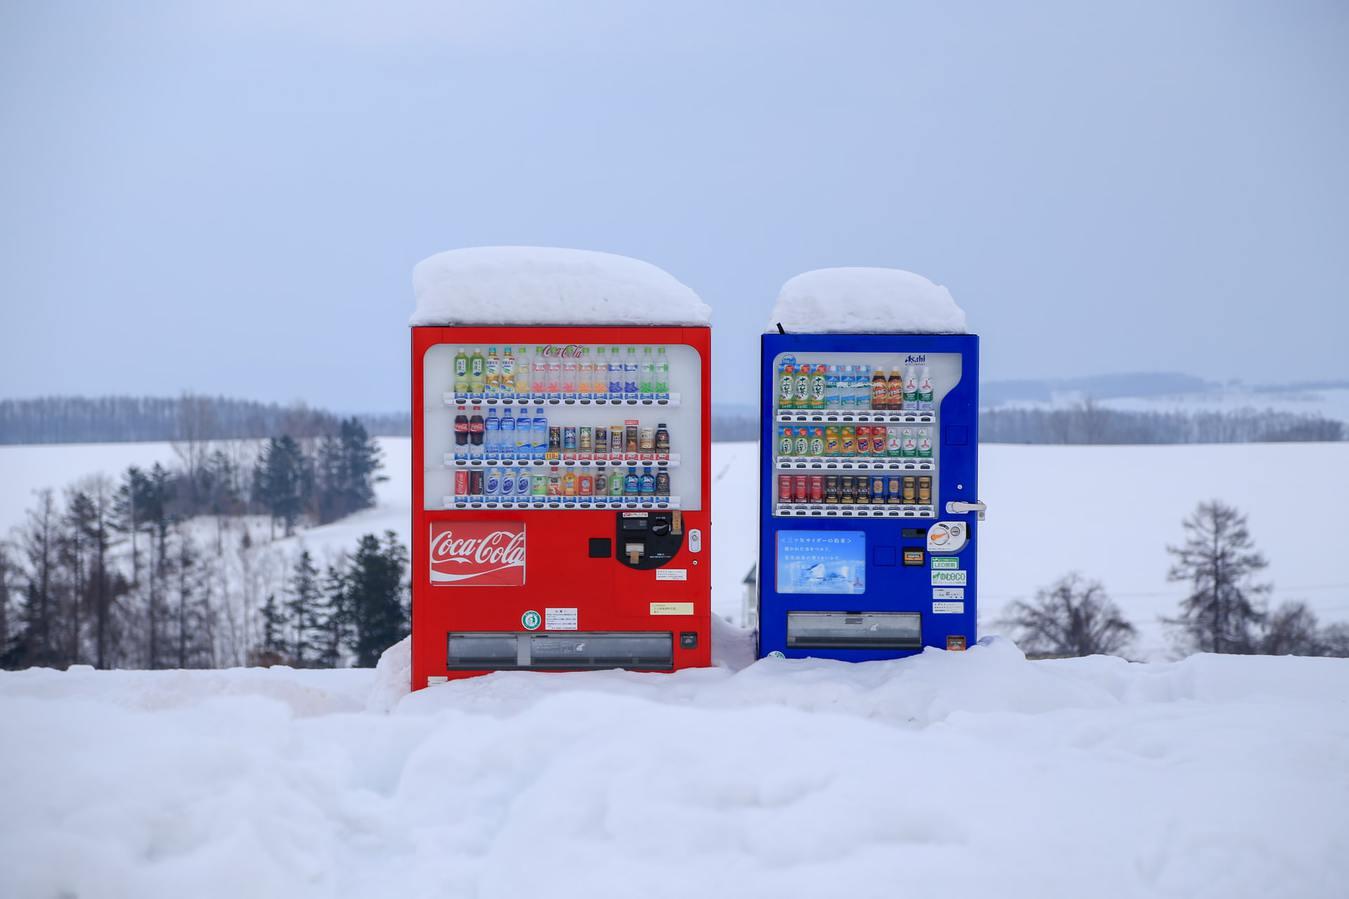 cách bán hàng online thương hiệu cocacola đặt ở vùng vắng vẻ nhiều tuyết